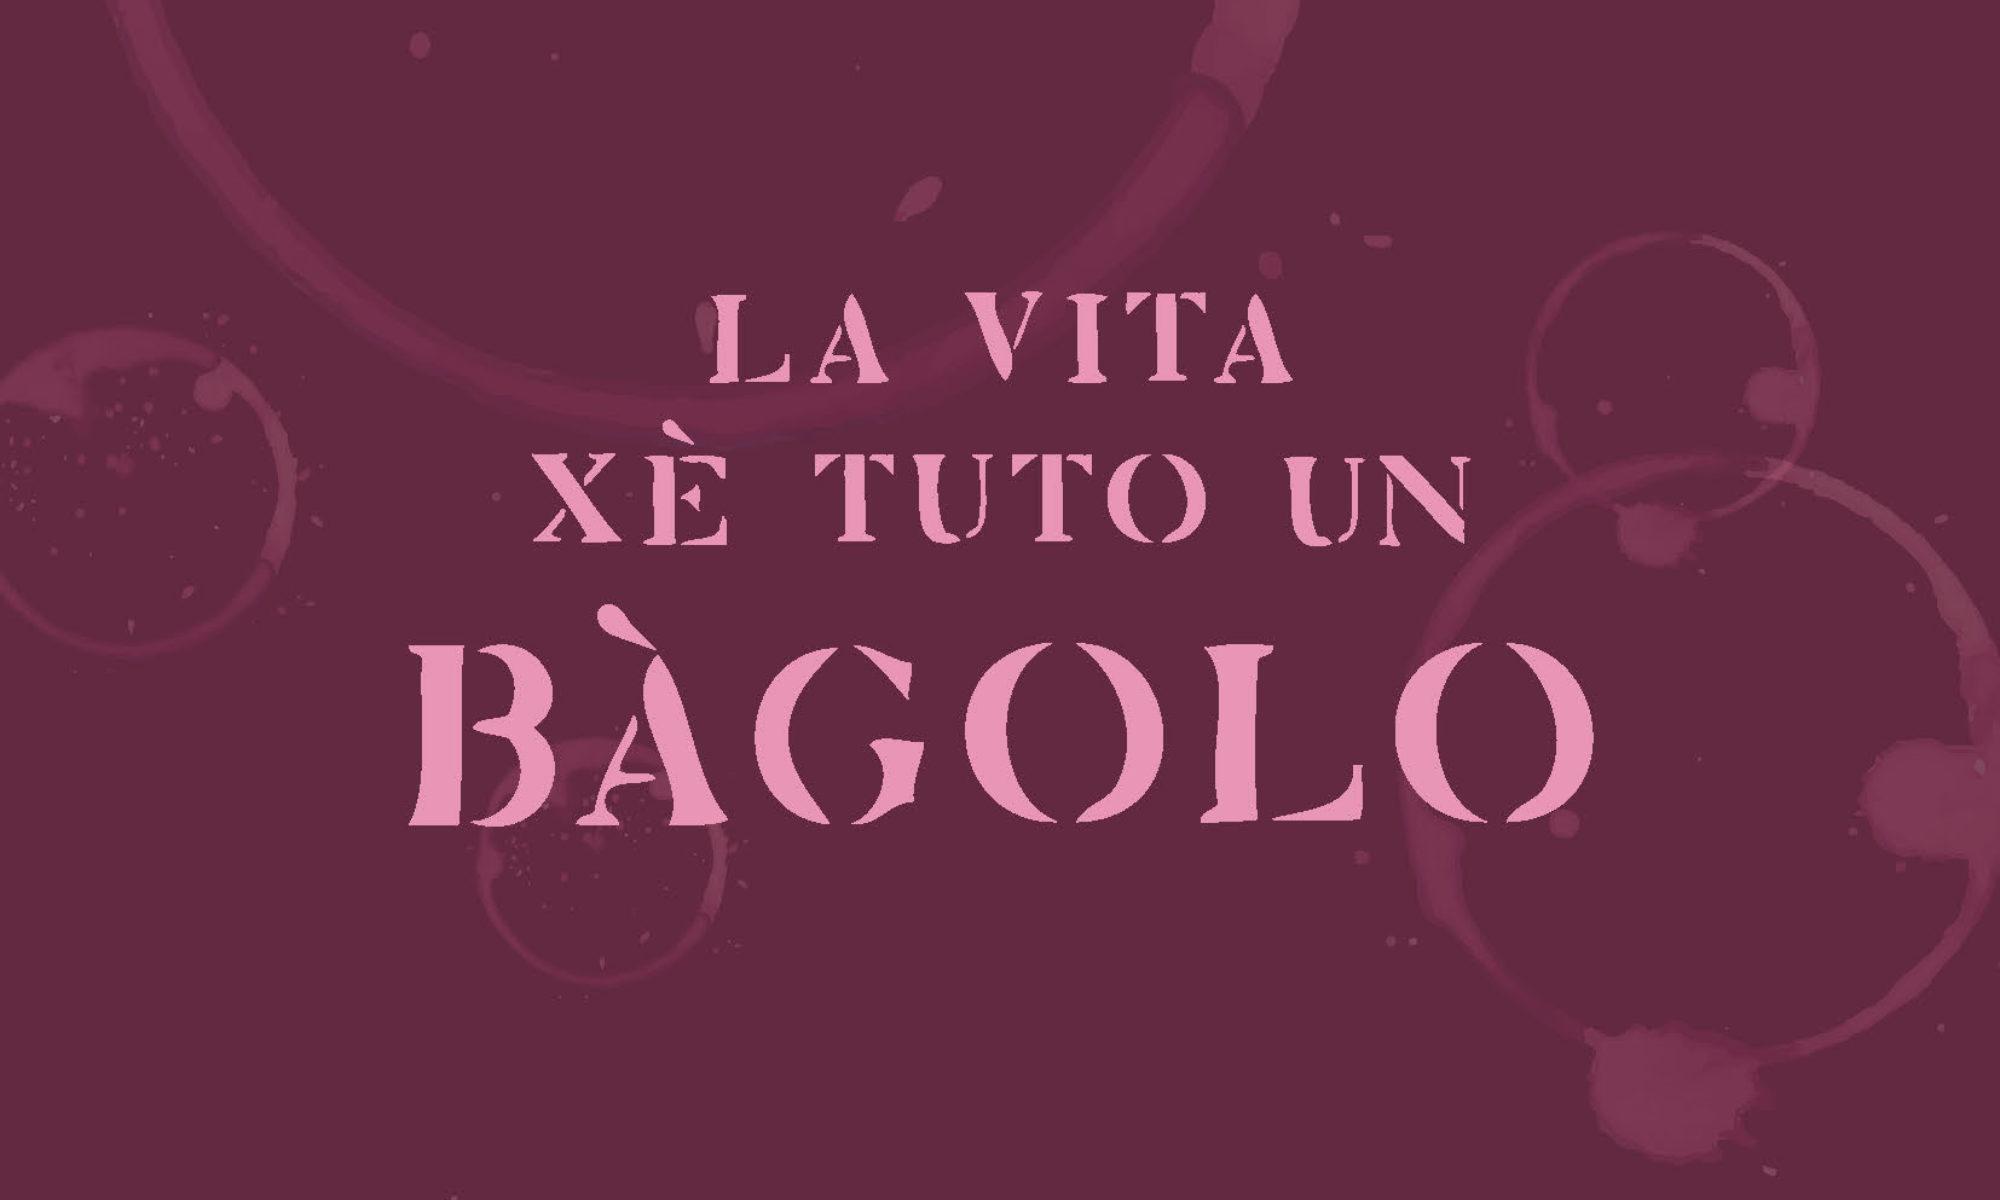 Bàgolo